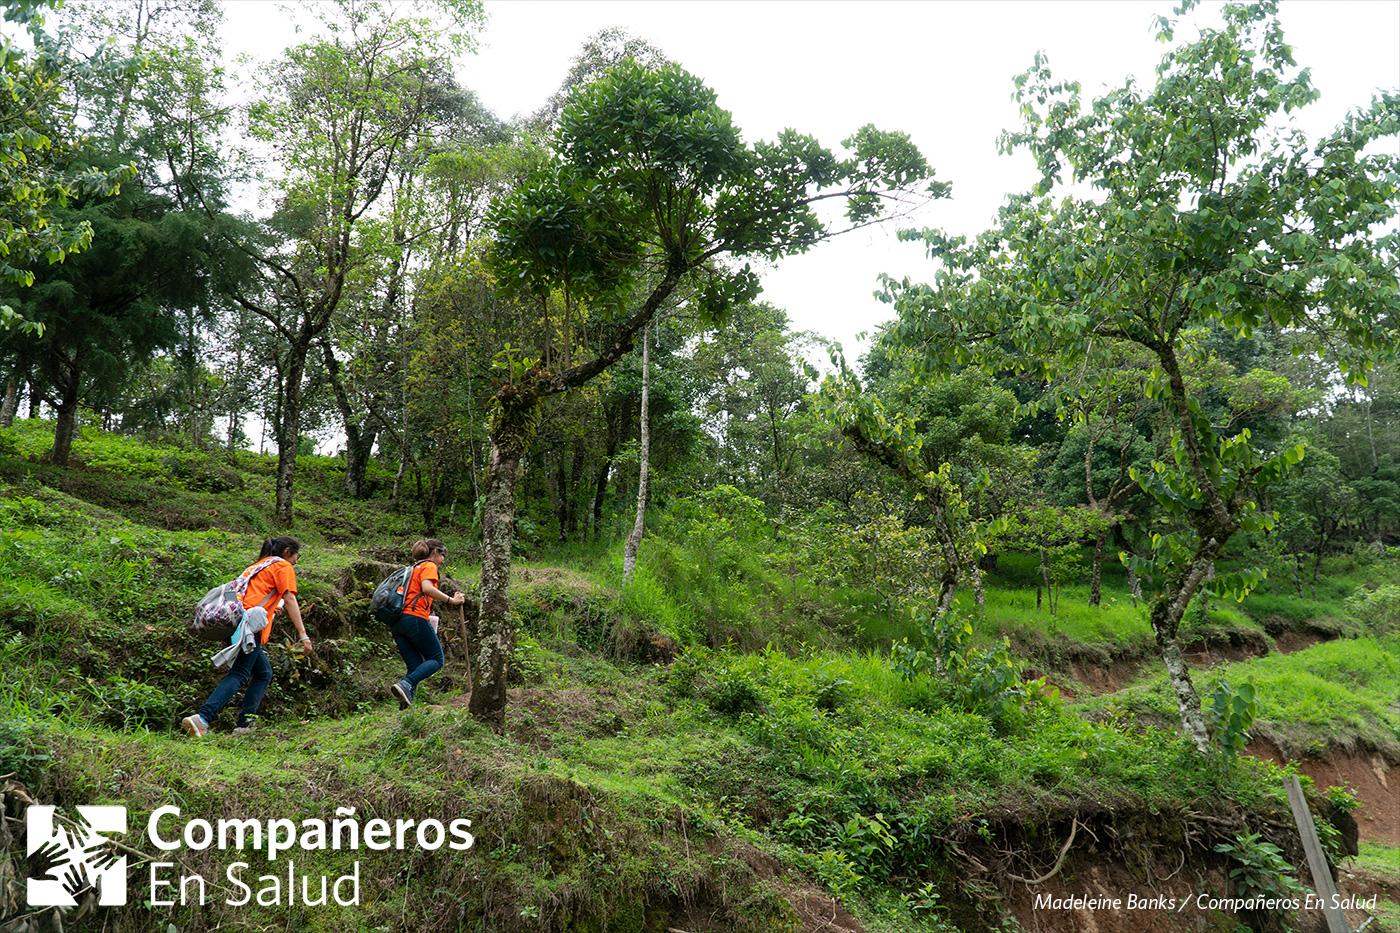 Los equipos visitan cada casa en la comunidad así como en sus alrededores.  Foto: Karen Gabriel López Salinas y Abril, estudiantes de medicina, suben a una colina en busca de casas para realizar encuestas de salud.